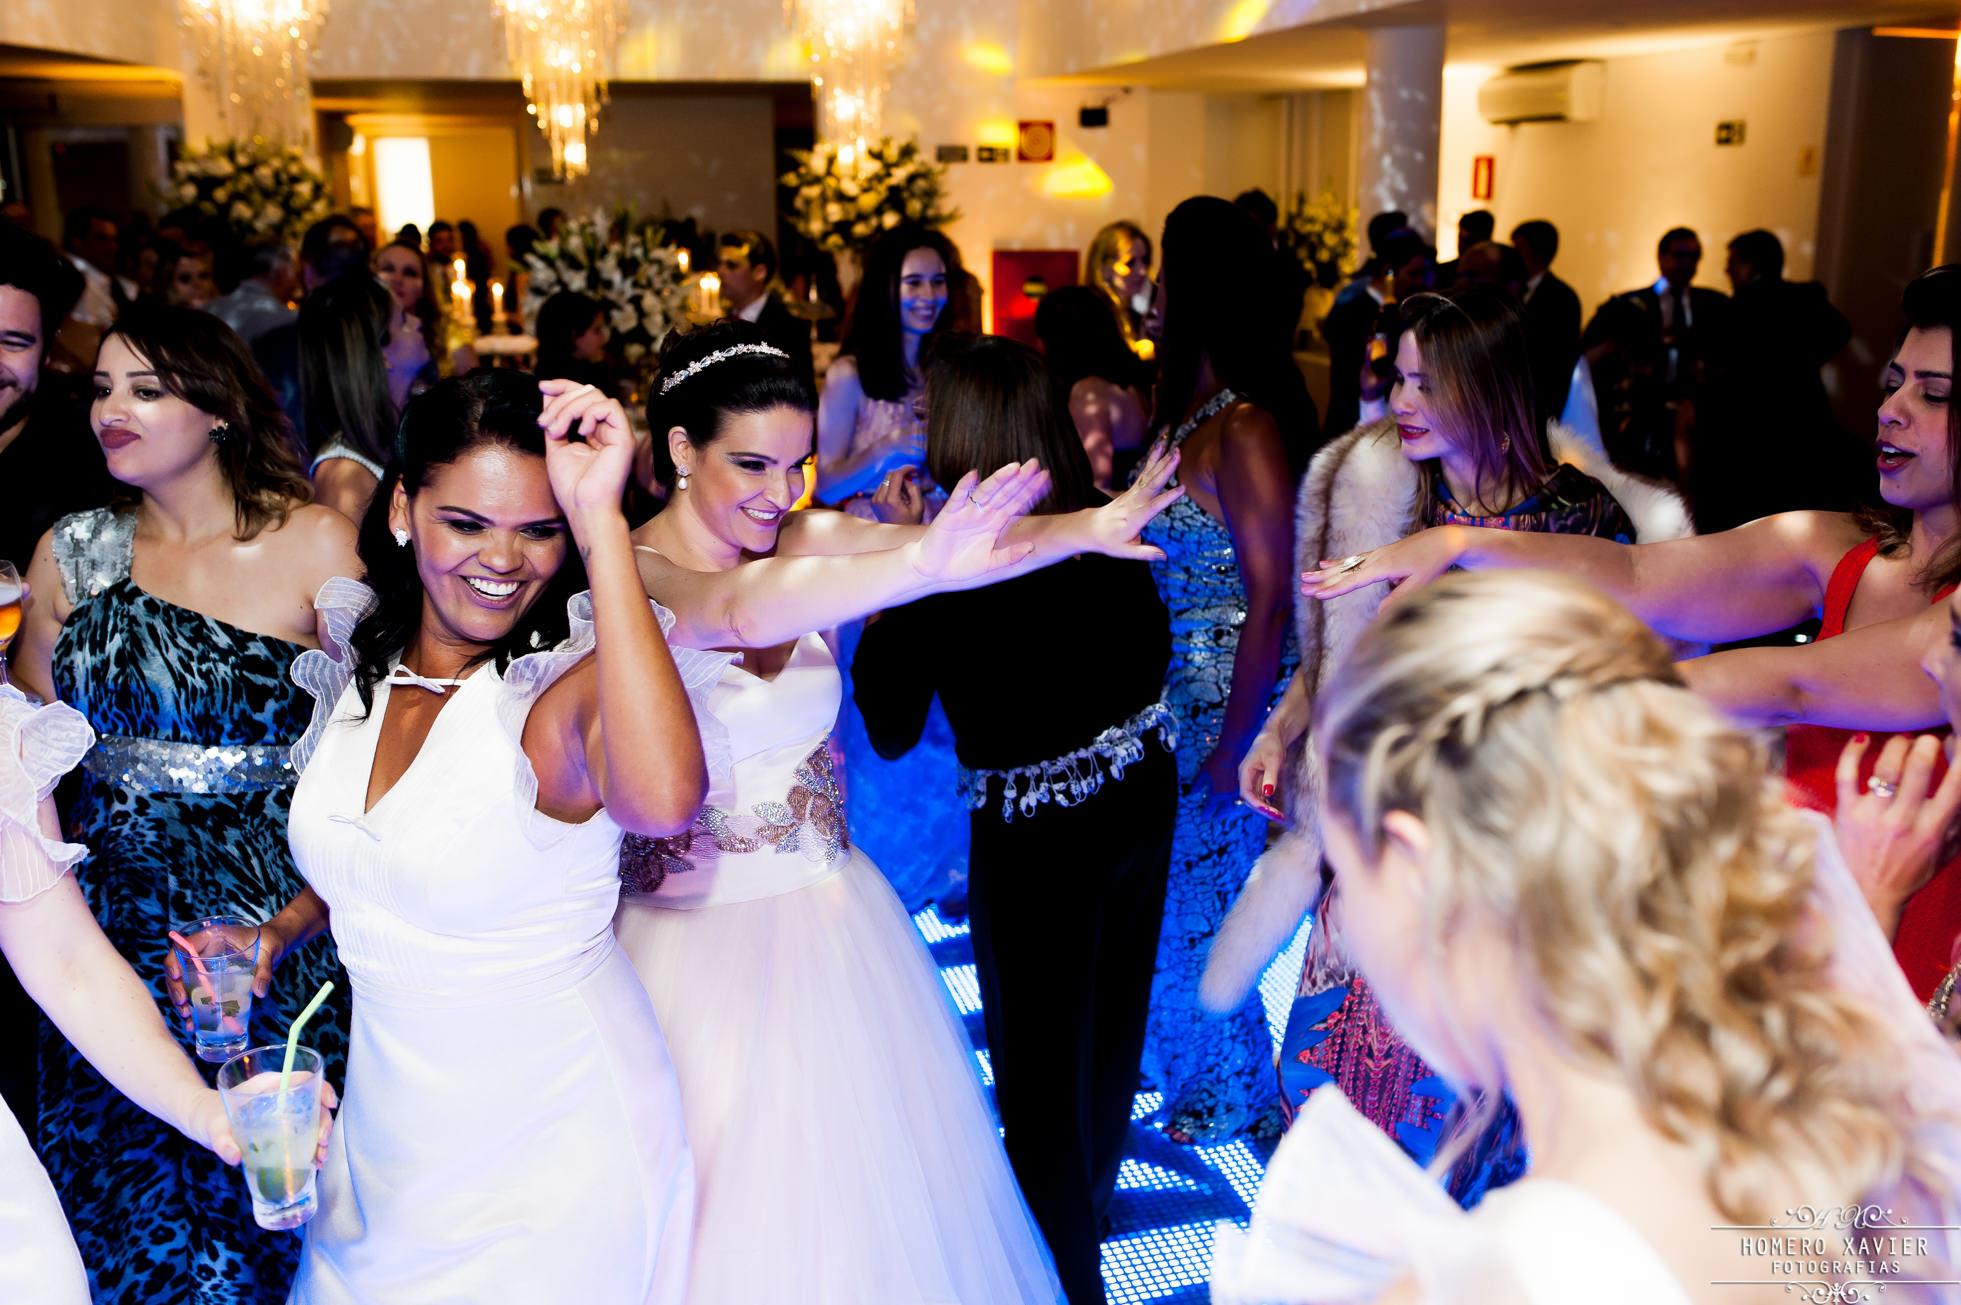 fotografia festa casamento Das Haus em BH